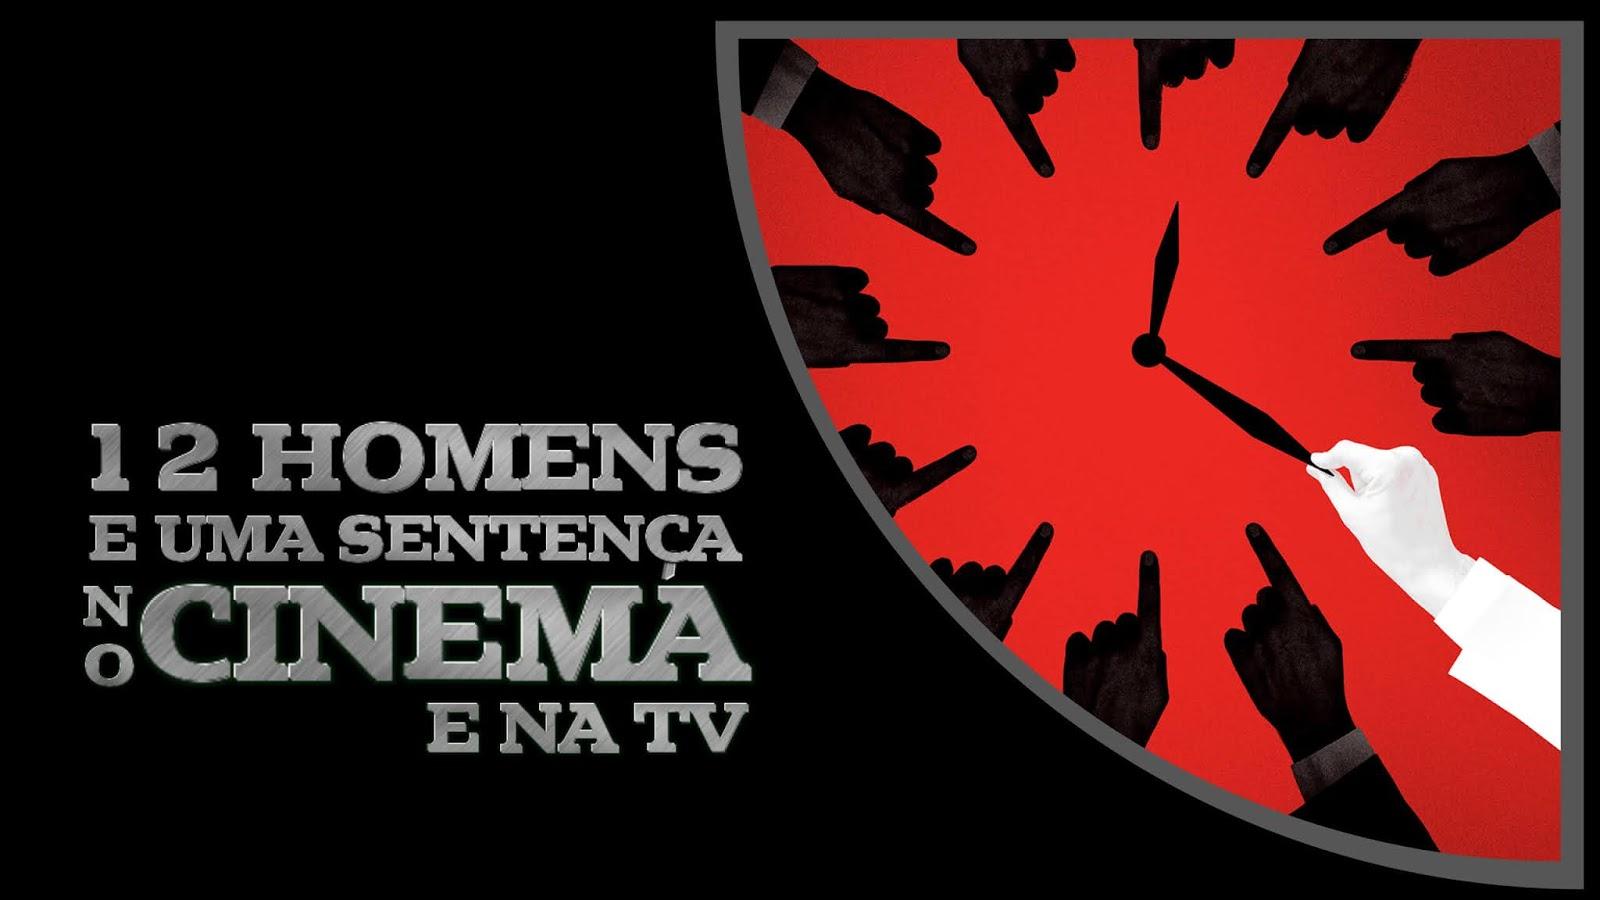 12-homens-e-uma-sentenca-no-cinema-tv